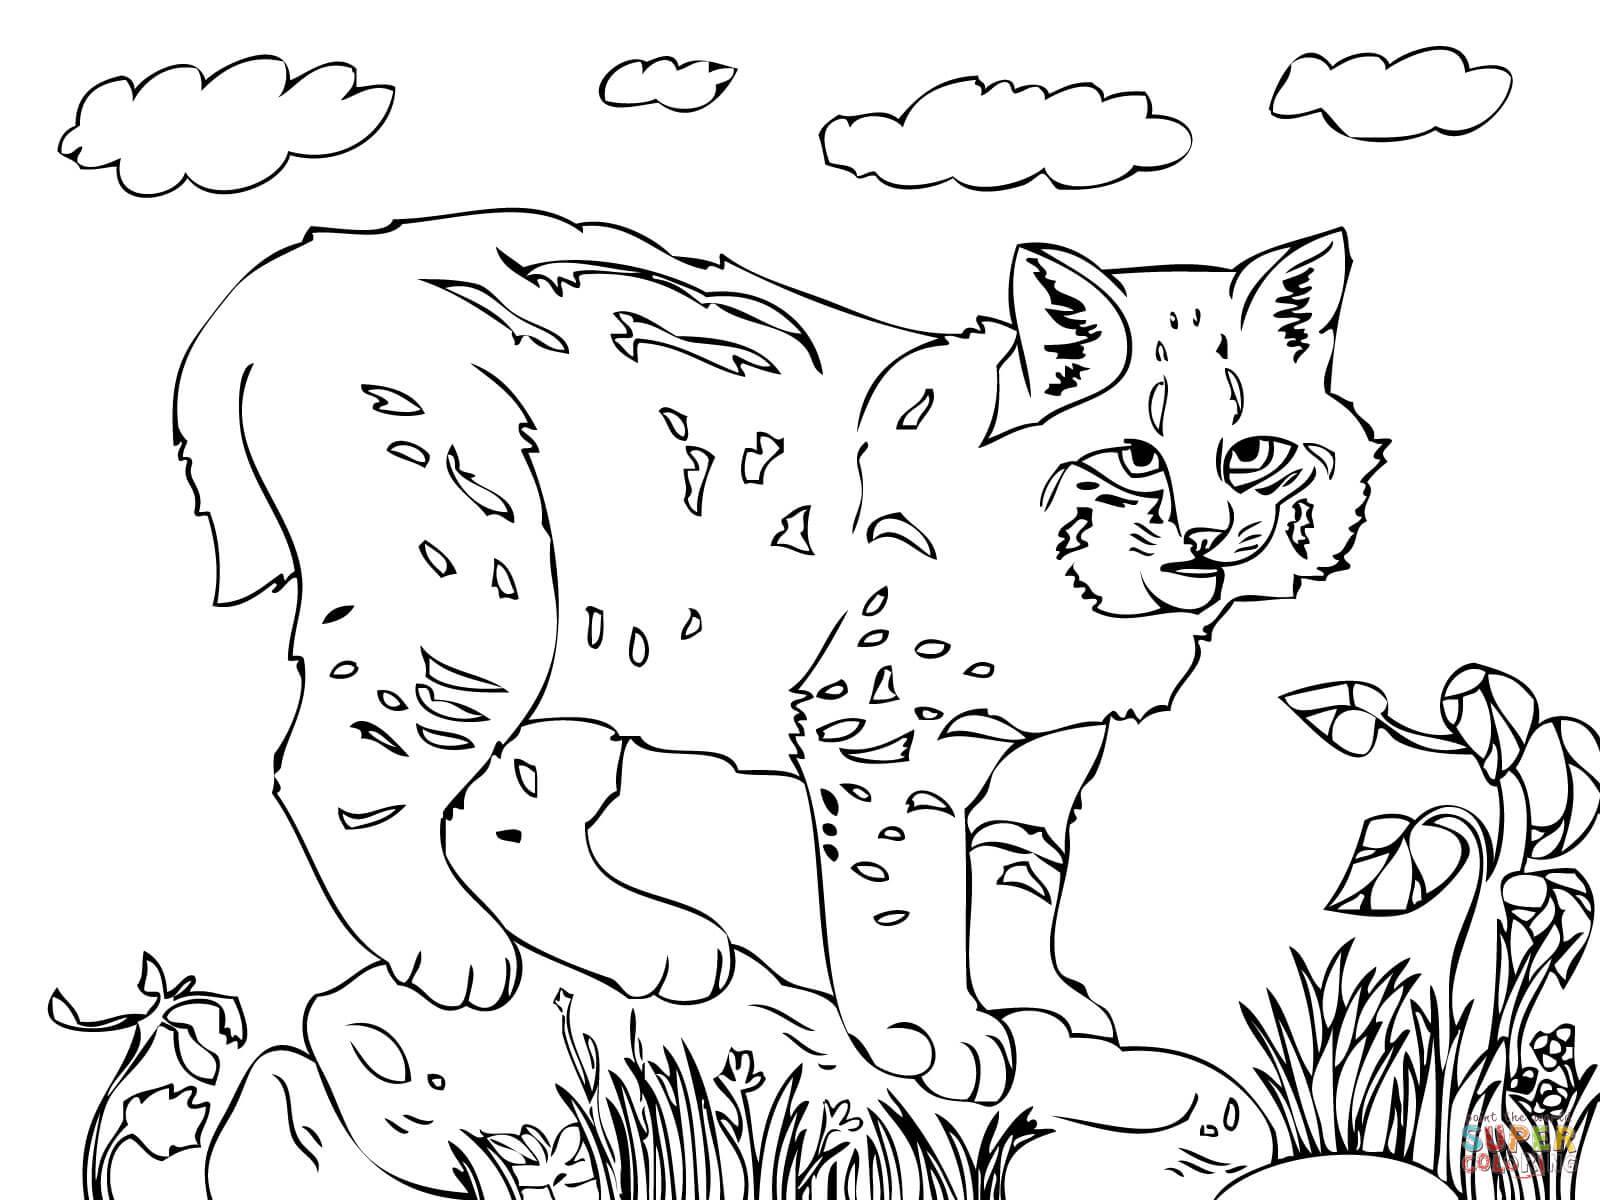 Bobcat Drawing At Getdrawings